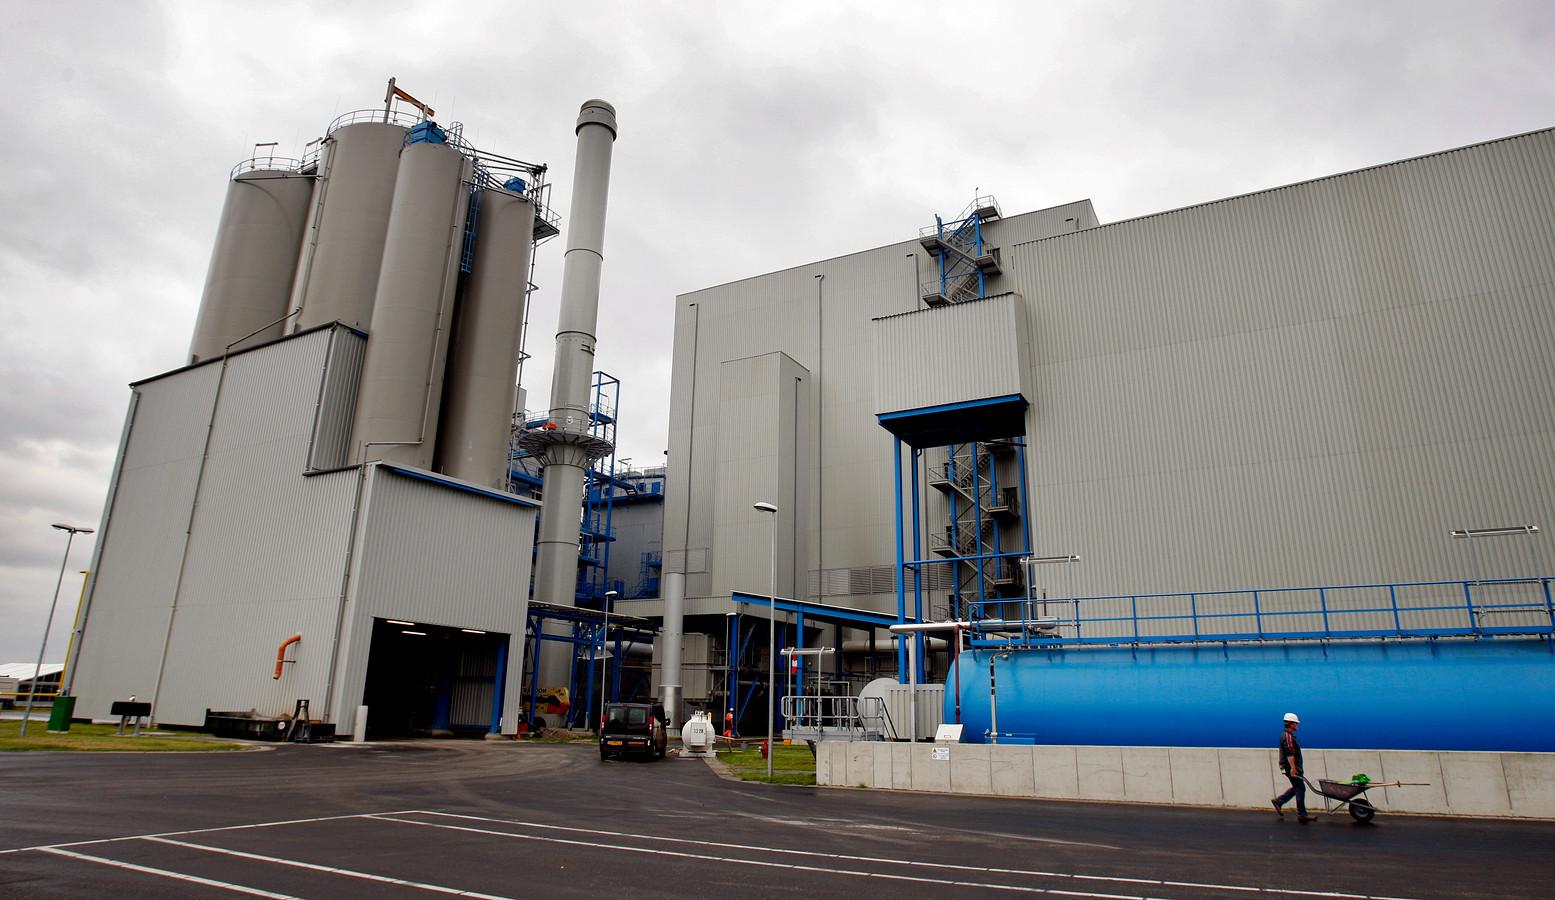 De biomassacentrale in Moerdijk